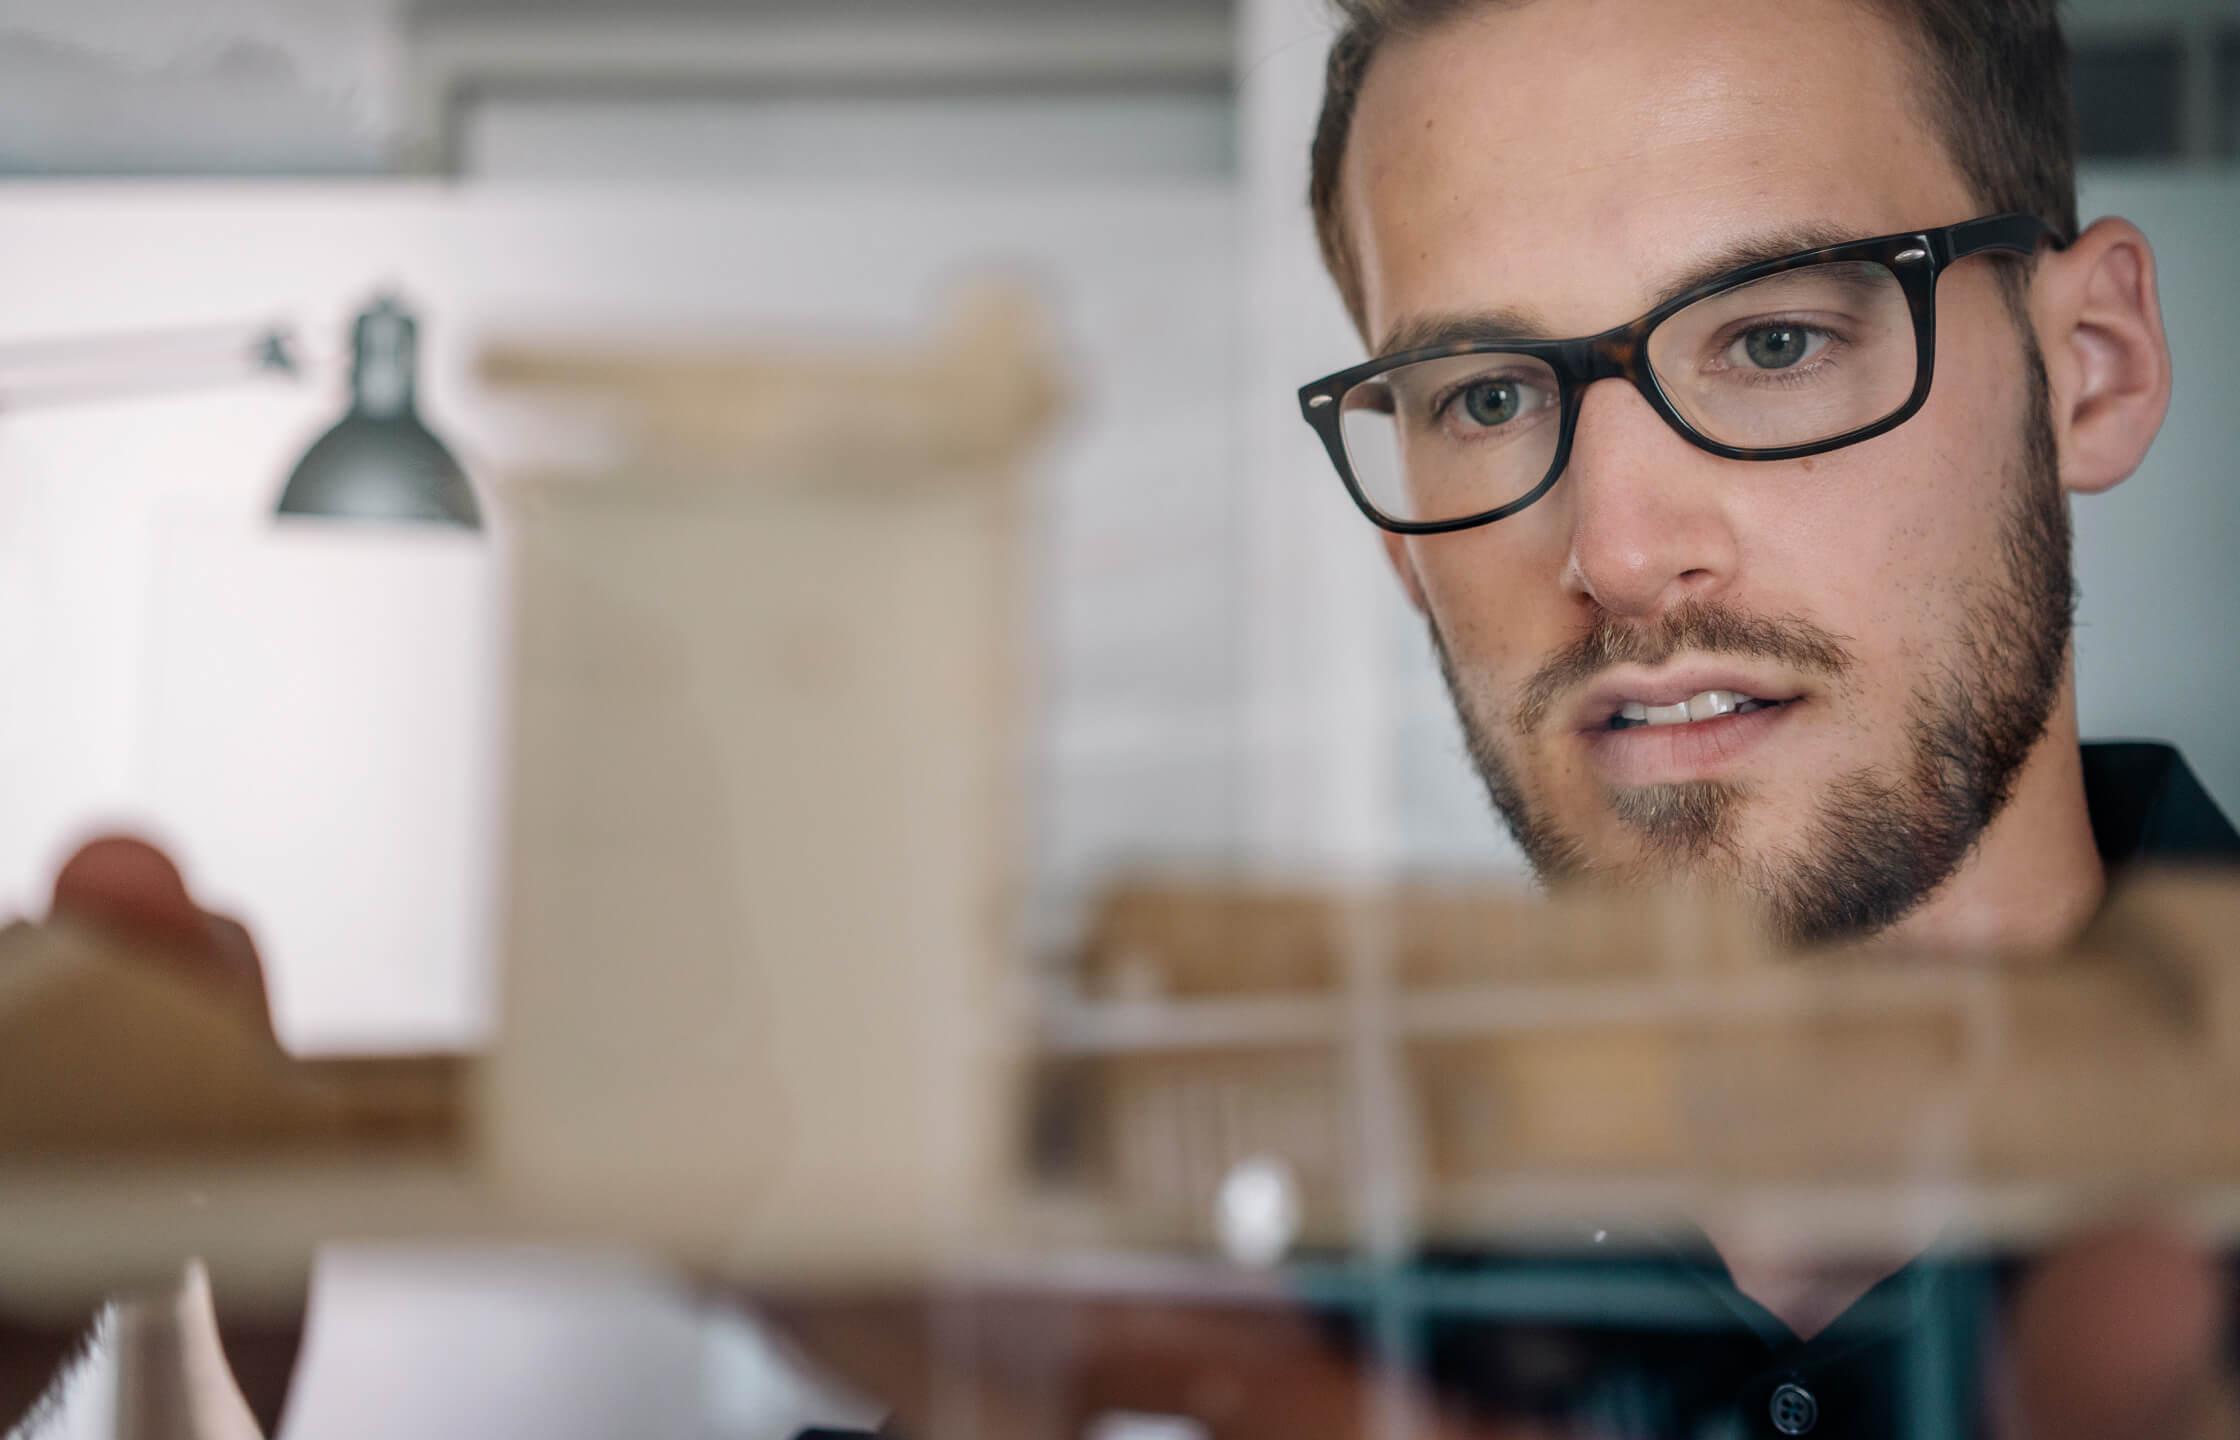 Mann mit Brille an beim Planen